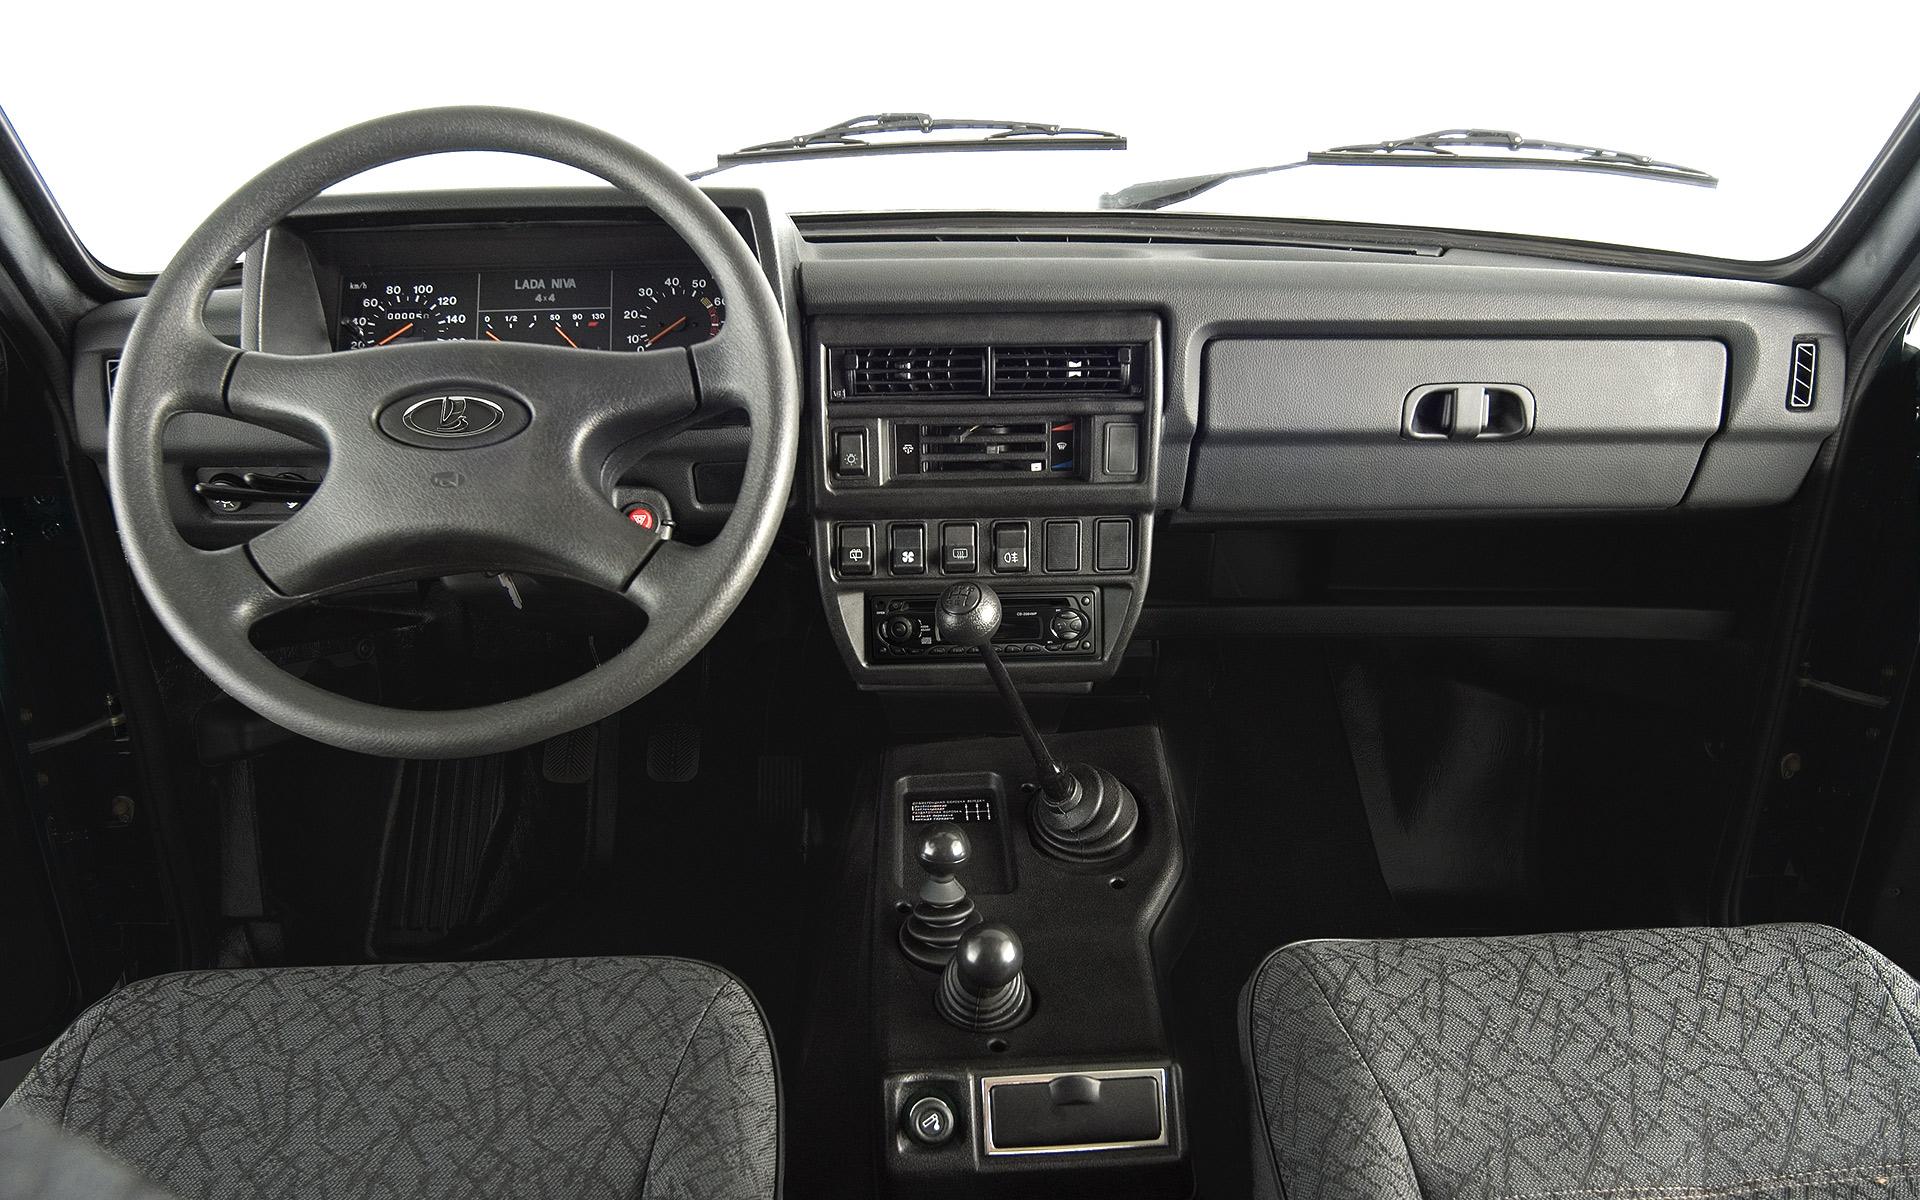 Jeep 4x4 2017 >> LADA 4x4 5 door - Review - LADA official website